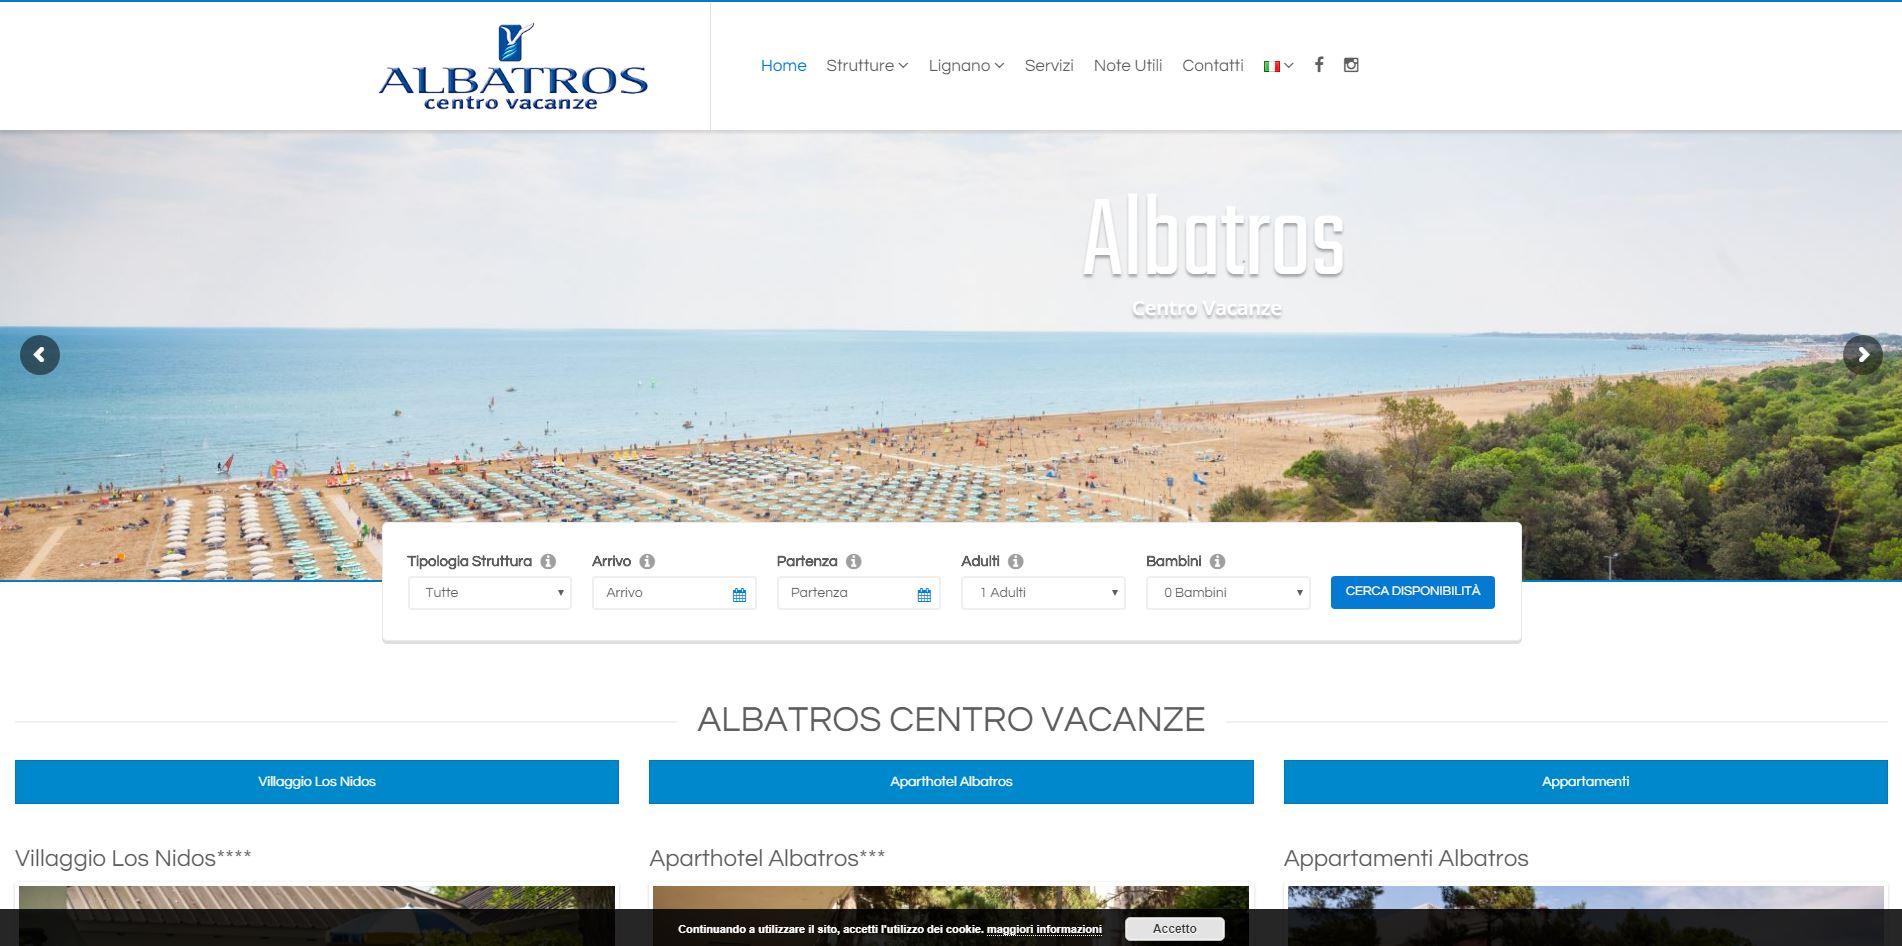 Sito-web-Albatros-centro-vacanza-sviluppato-da-Jtp-Informatica